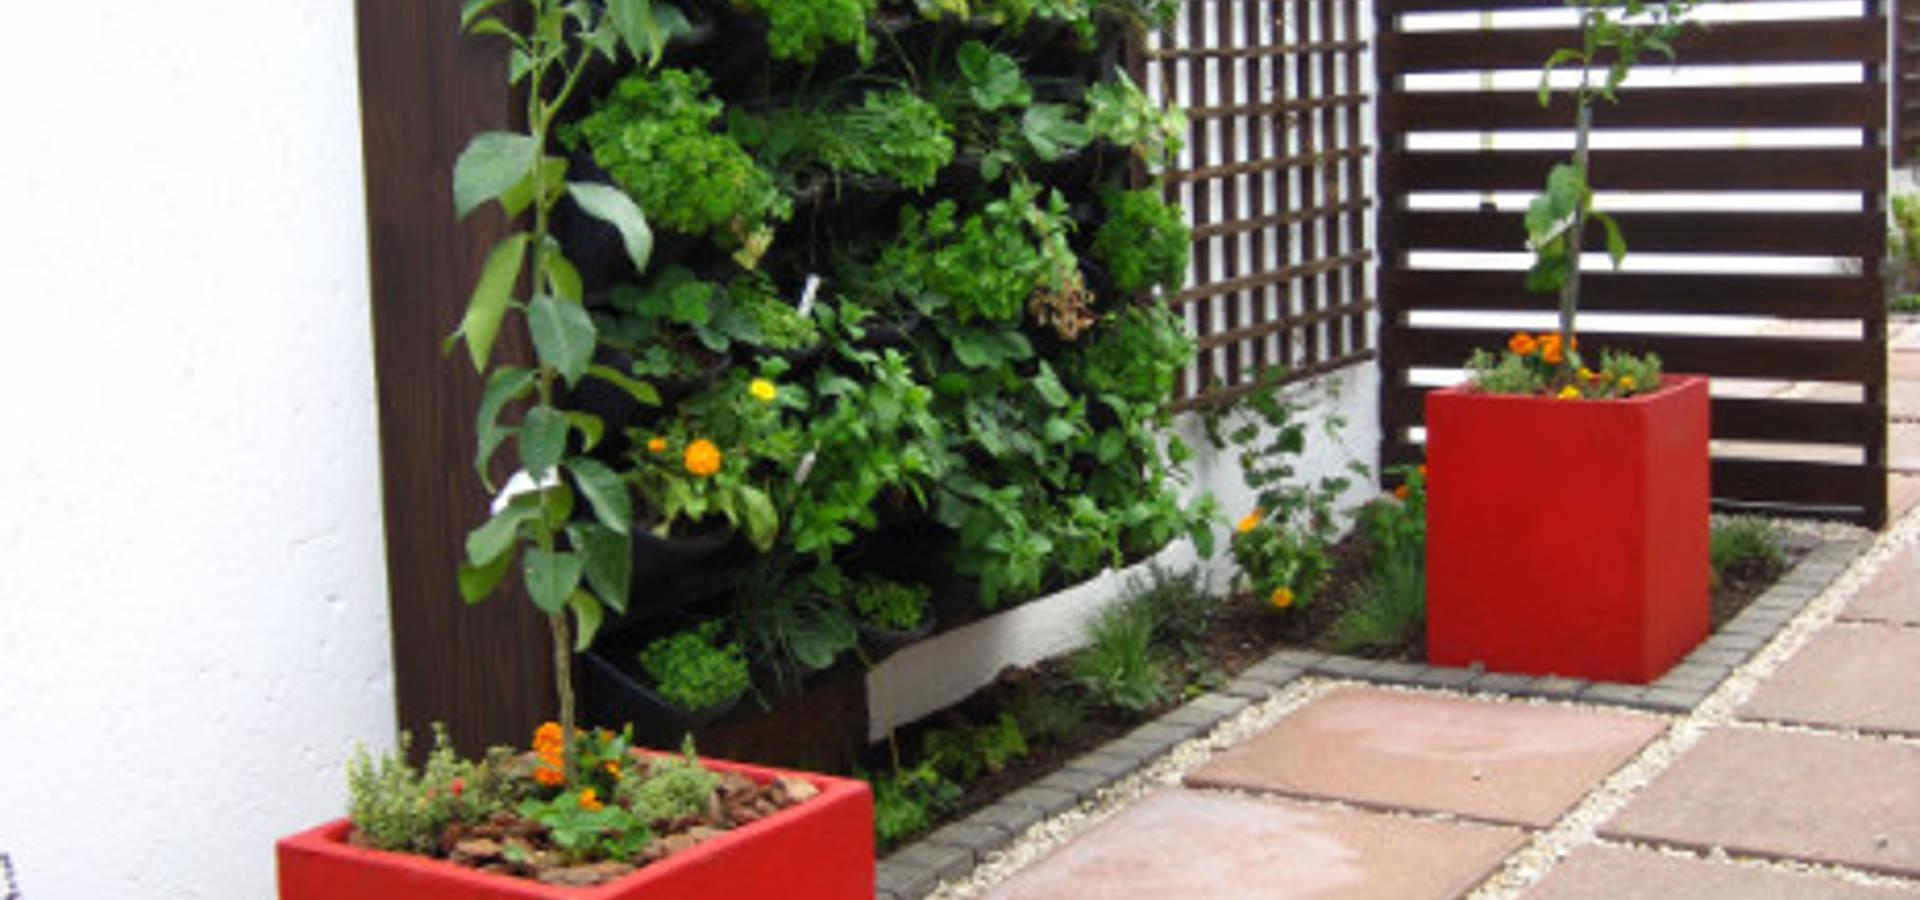 Young landscape design studio landscape designers in for Landscape design studio